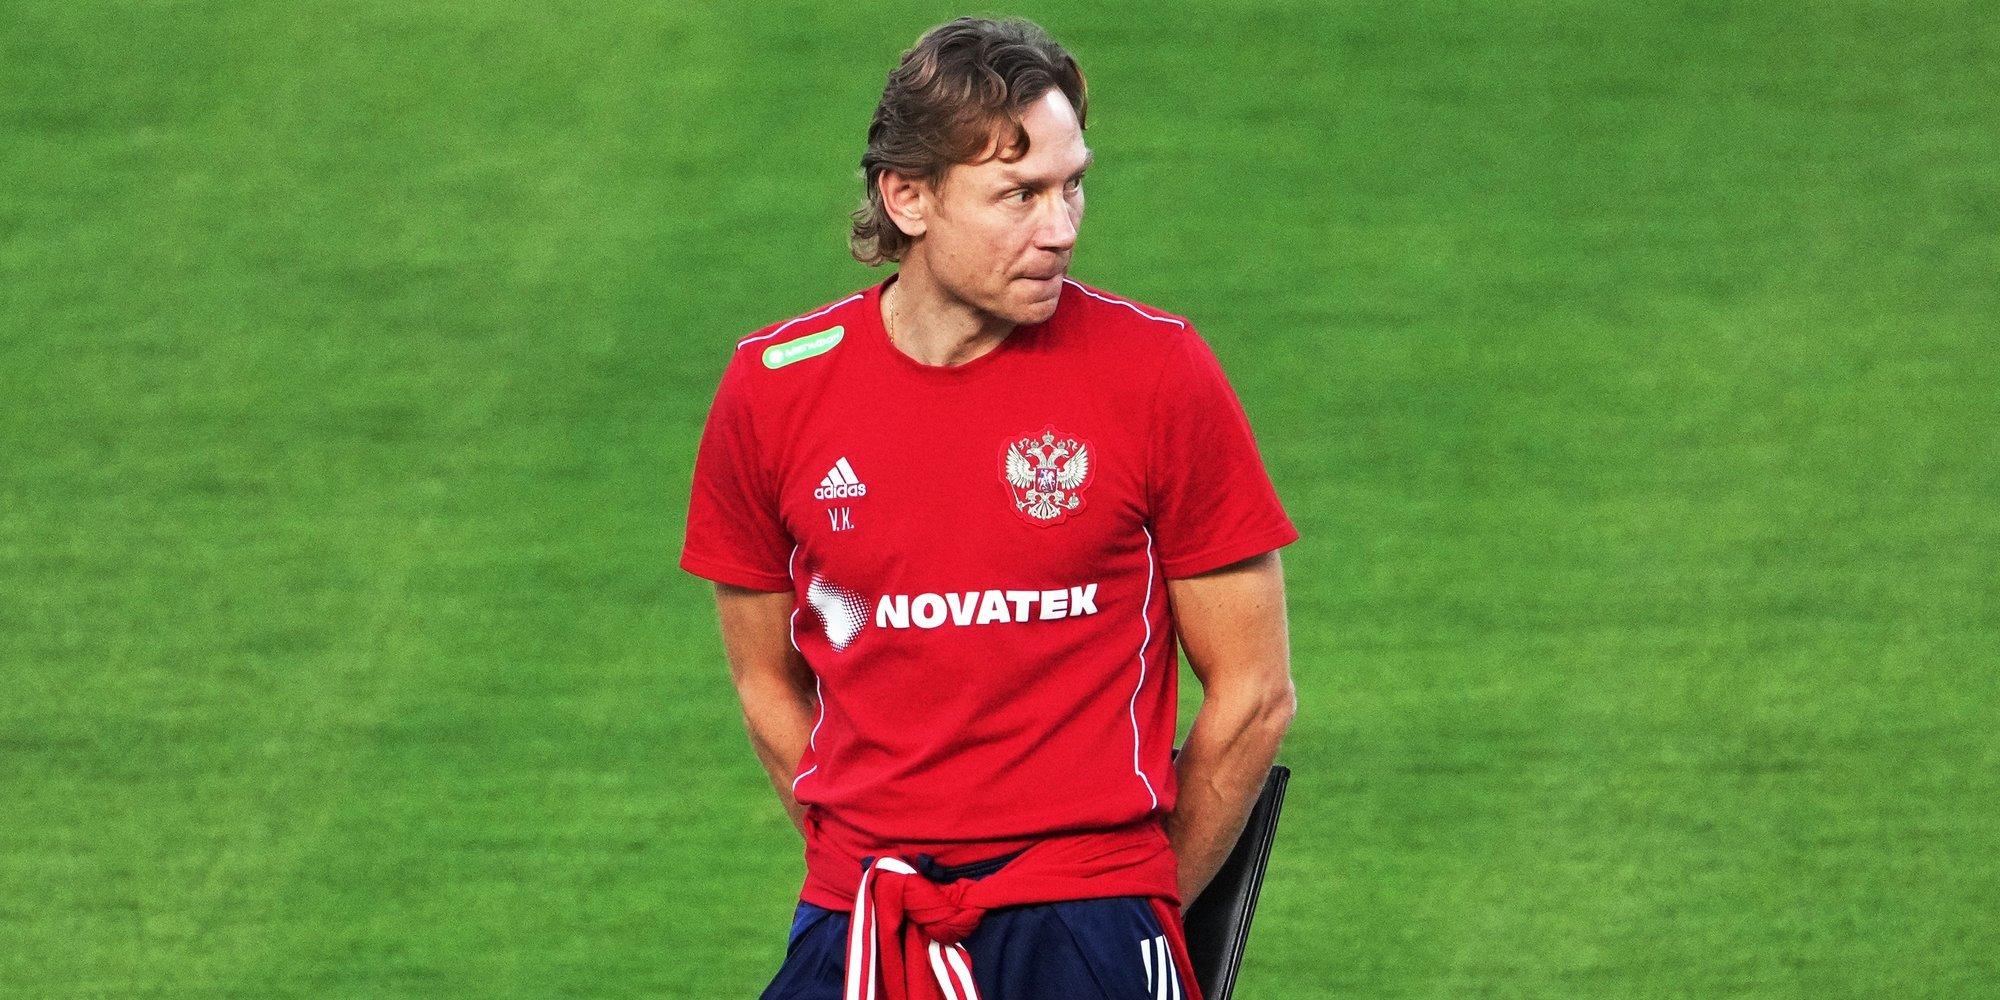 Валерий Карпин — перед матчем со Словакией: «С учетом кадровых проблем лучше я сыграю»